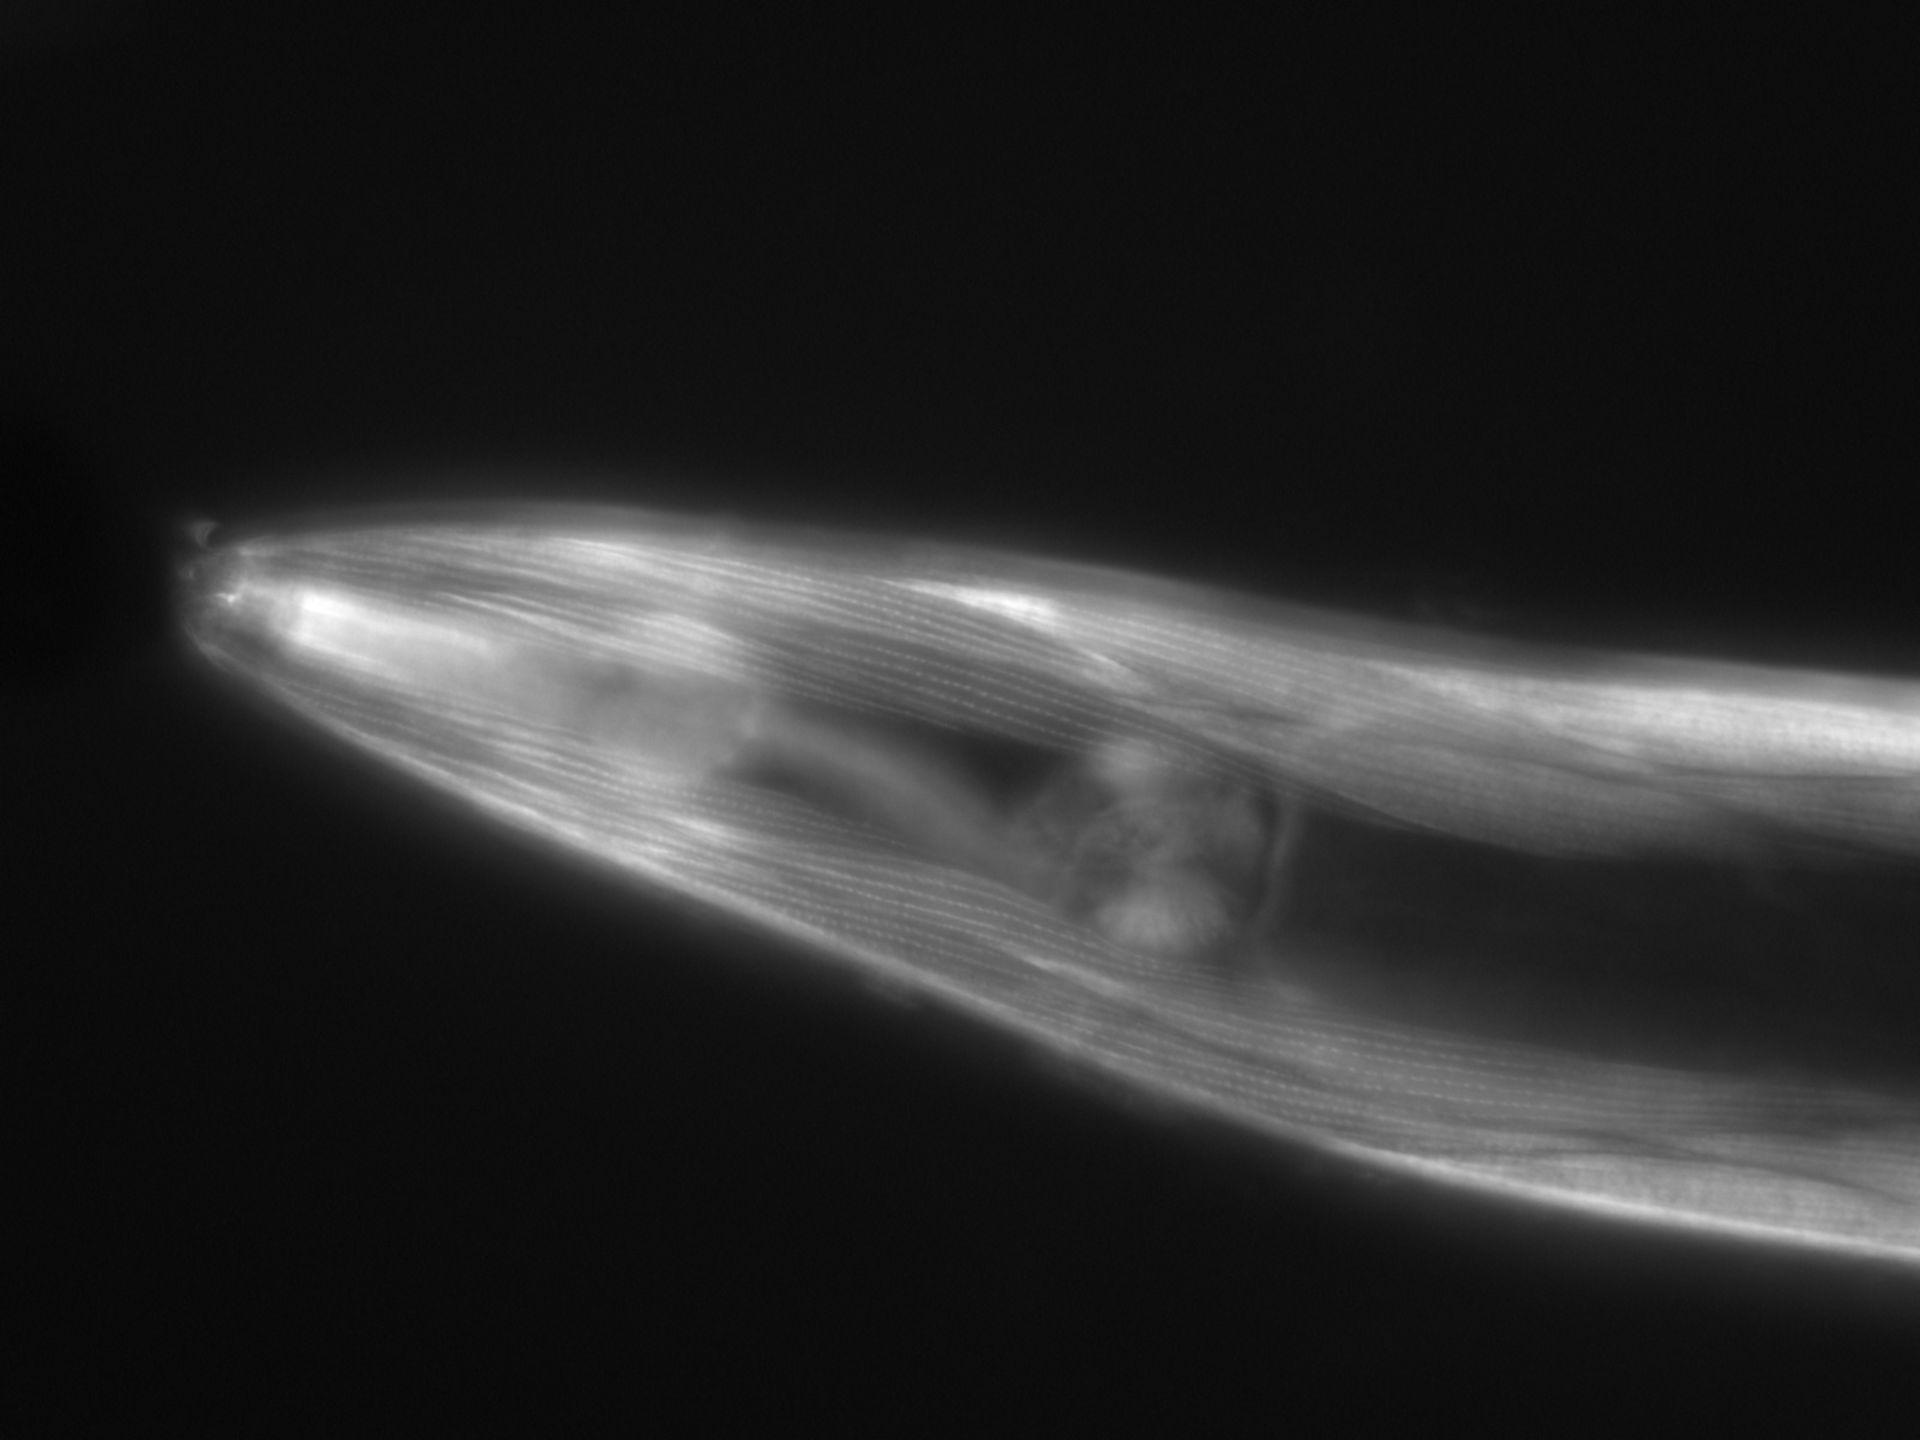 Caenorhabditis elegans (Actin filament) - CIL:1057